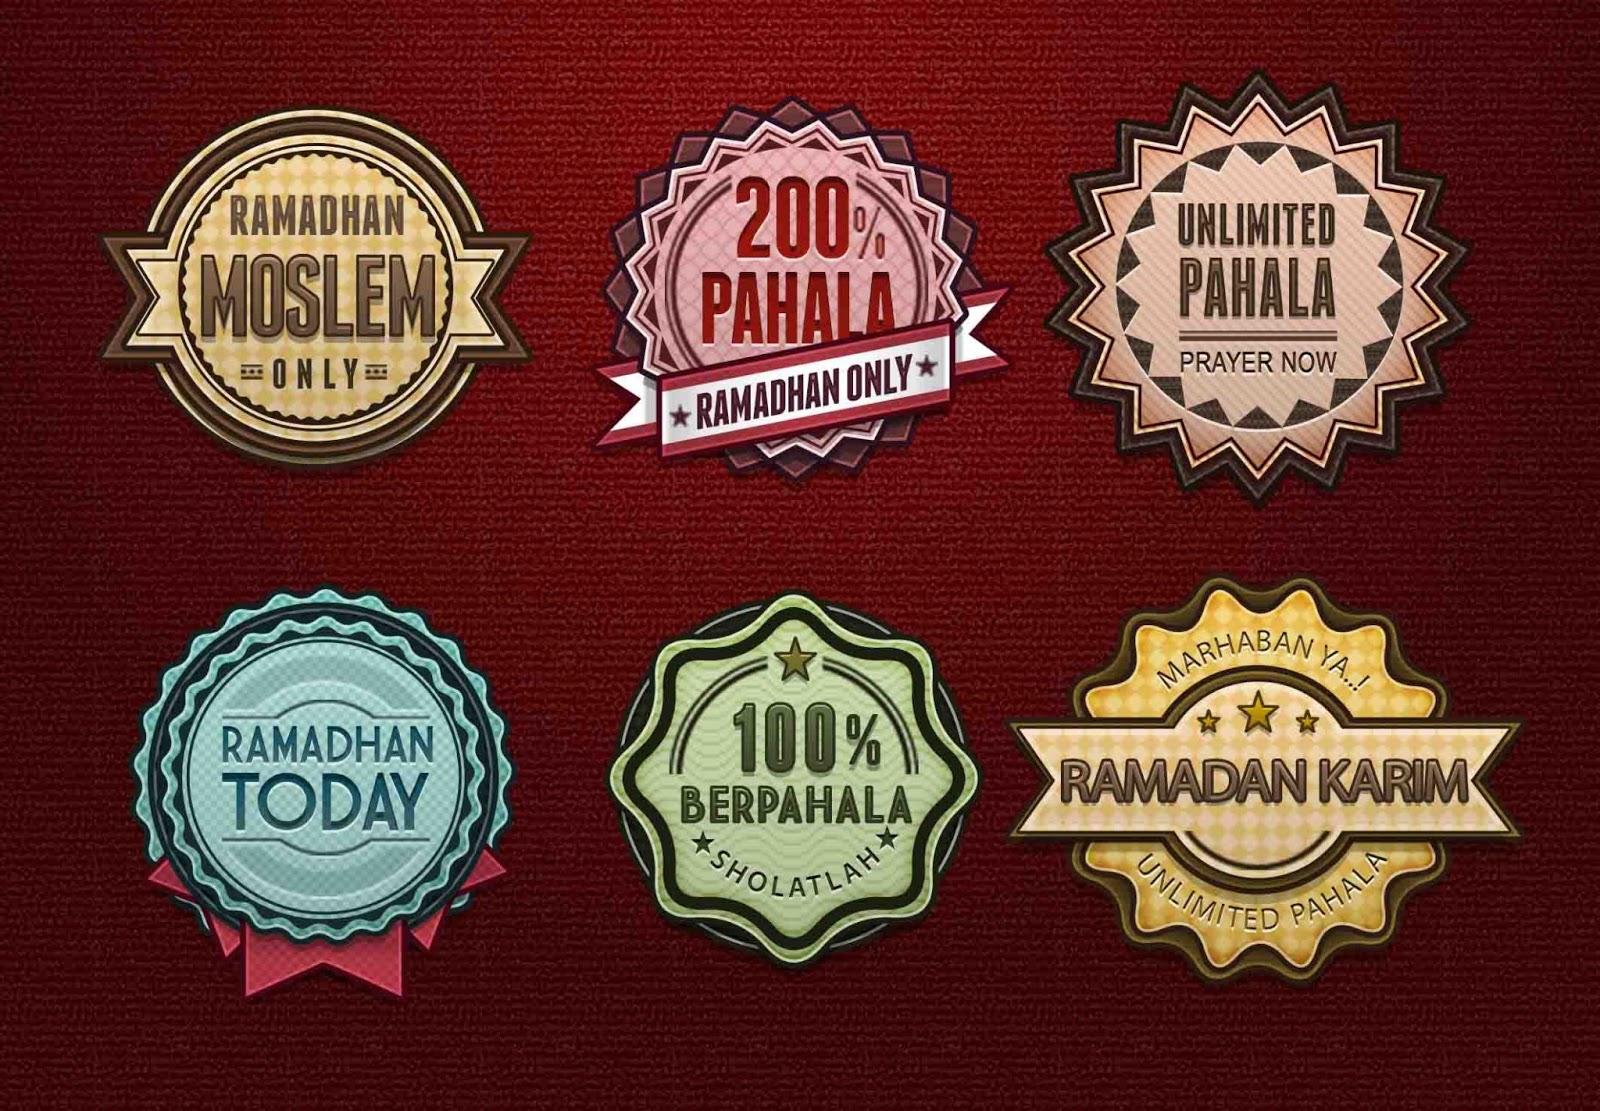 yantodesign: Free download: Desain Menyambut Ramadhan bag 2